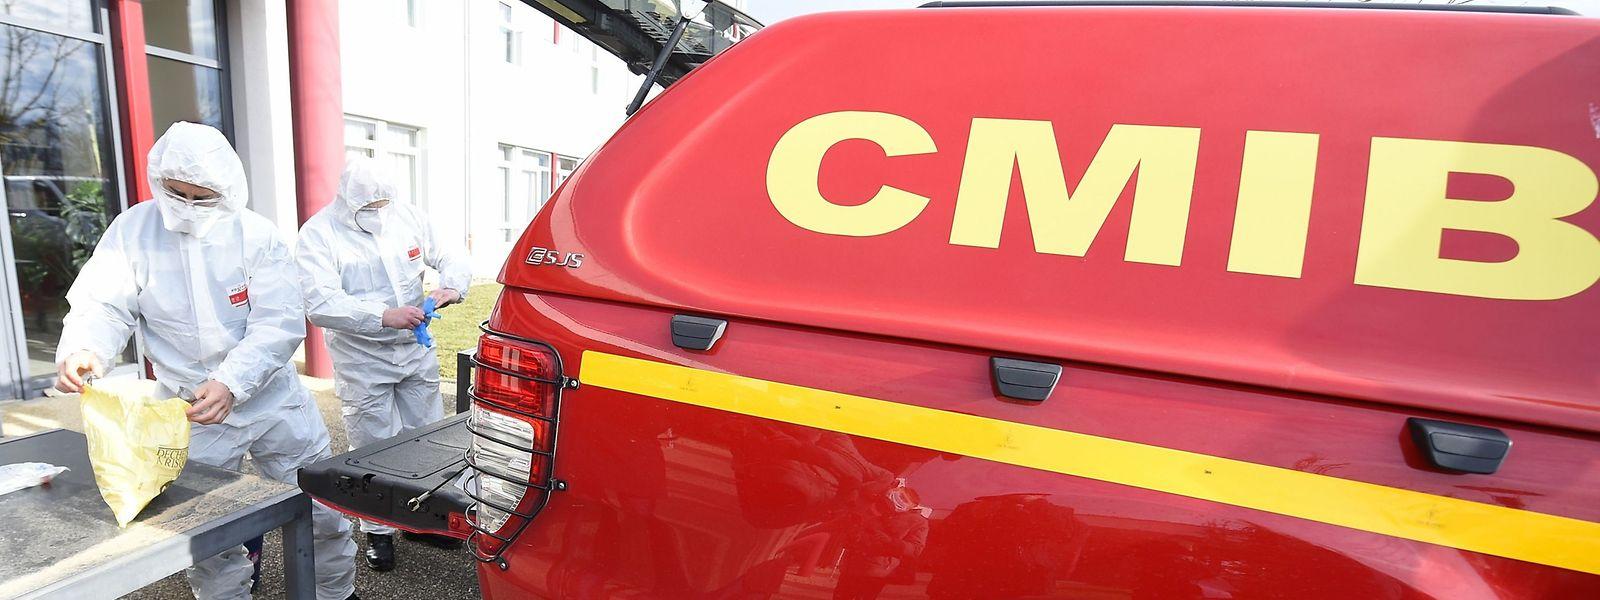 Fortes de leur expérience, des équipes de sapeurs-pompiers de Marseille ont été appelées pour venir effectuer des mesures covid dans les eaux usées de plusieurs sites.